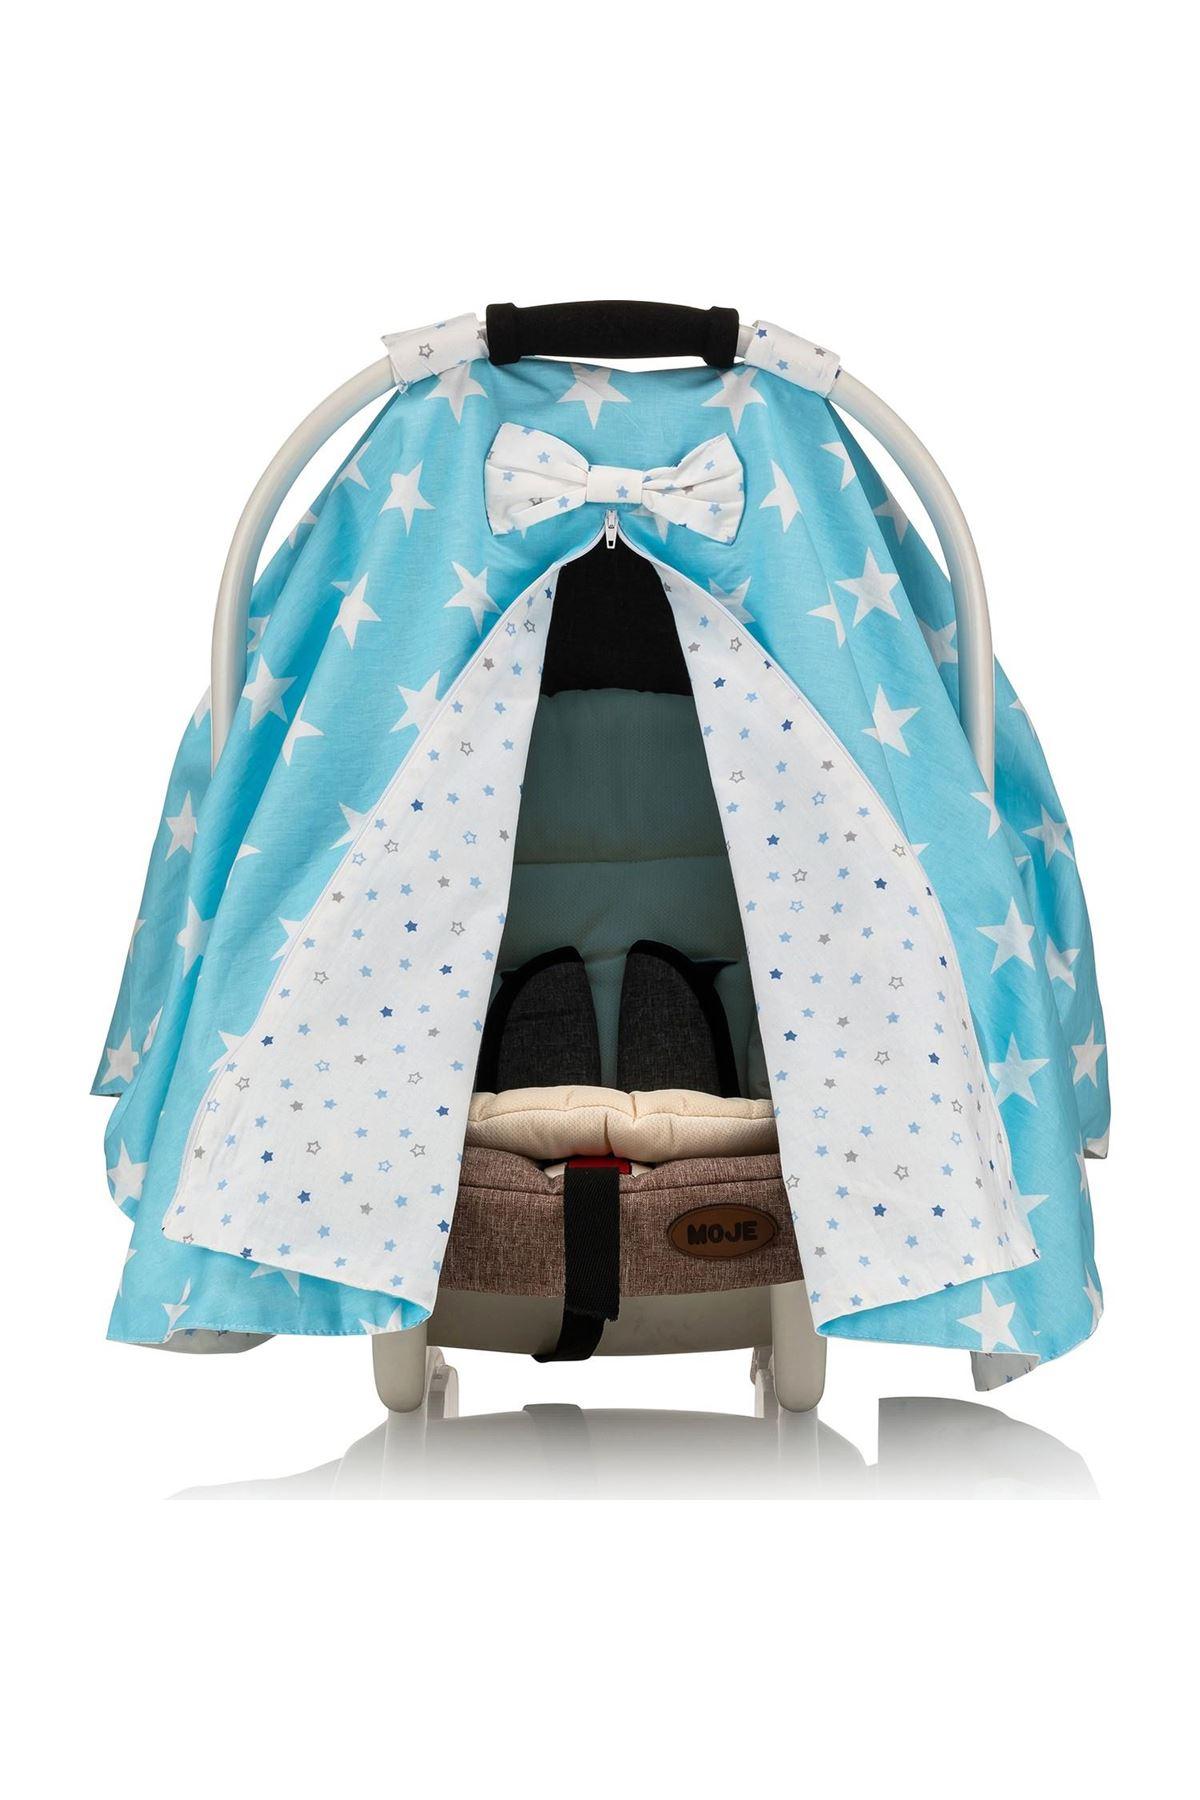 Moje Poplin Puset Bebek Arabası Örtüsü Mavi Yıldız